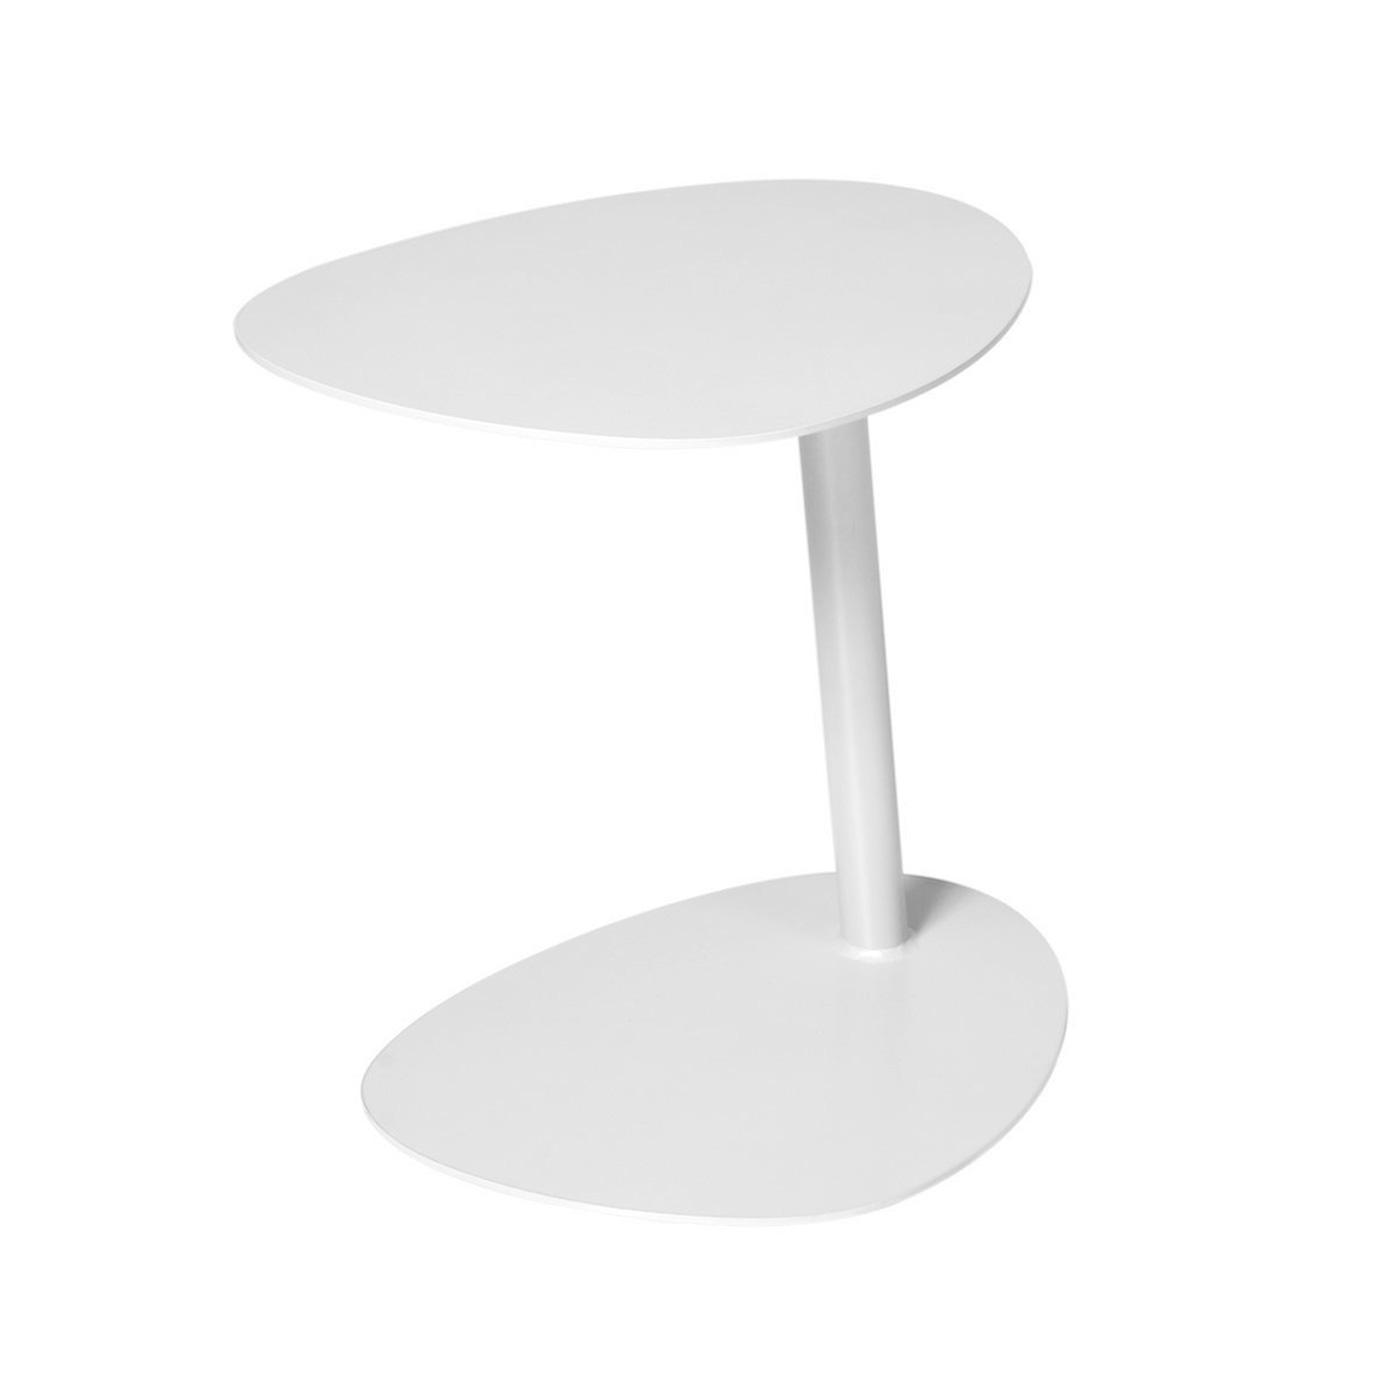 Pebble Side Table White